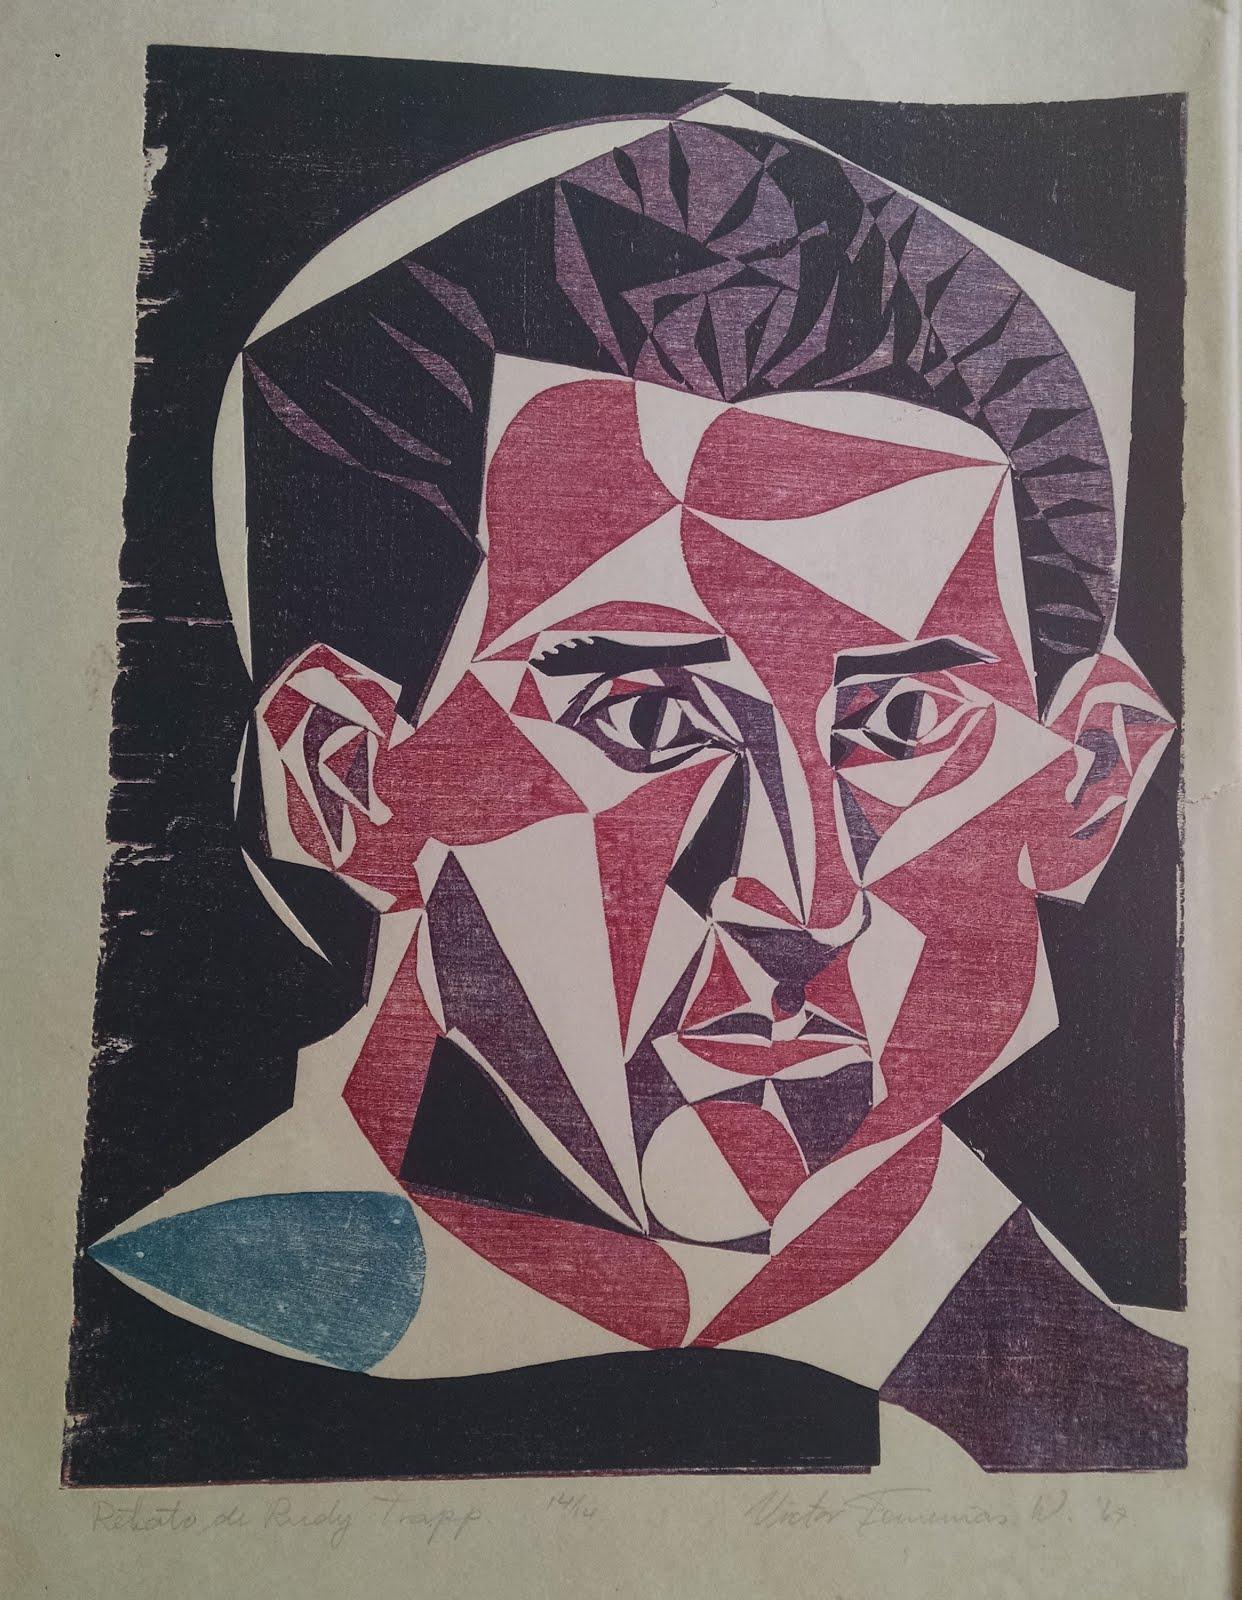 Retrato de Rudy Trapp.